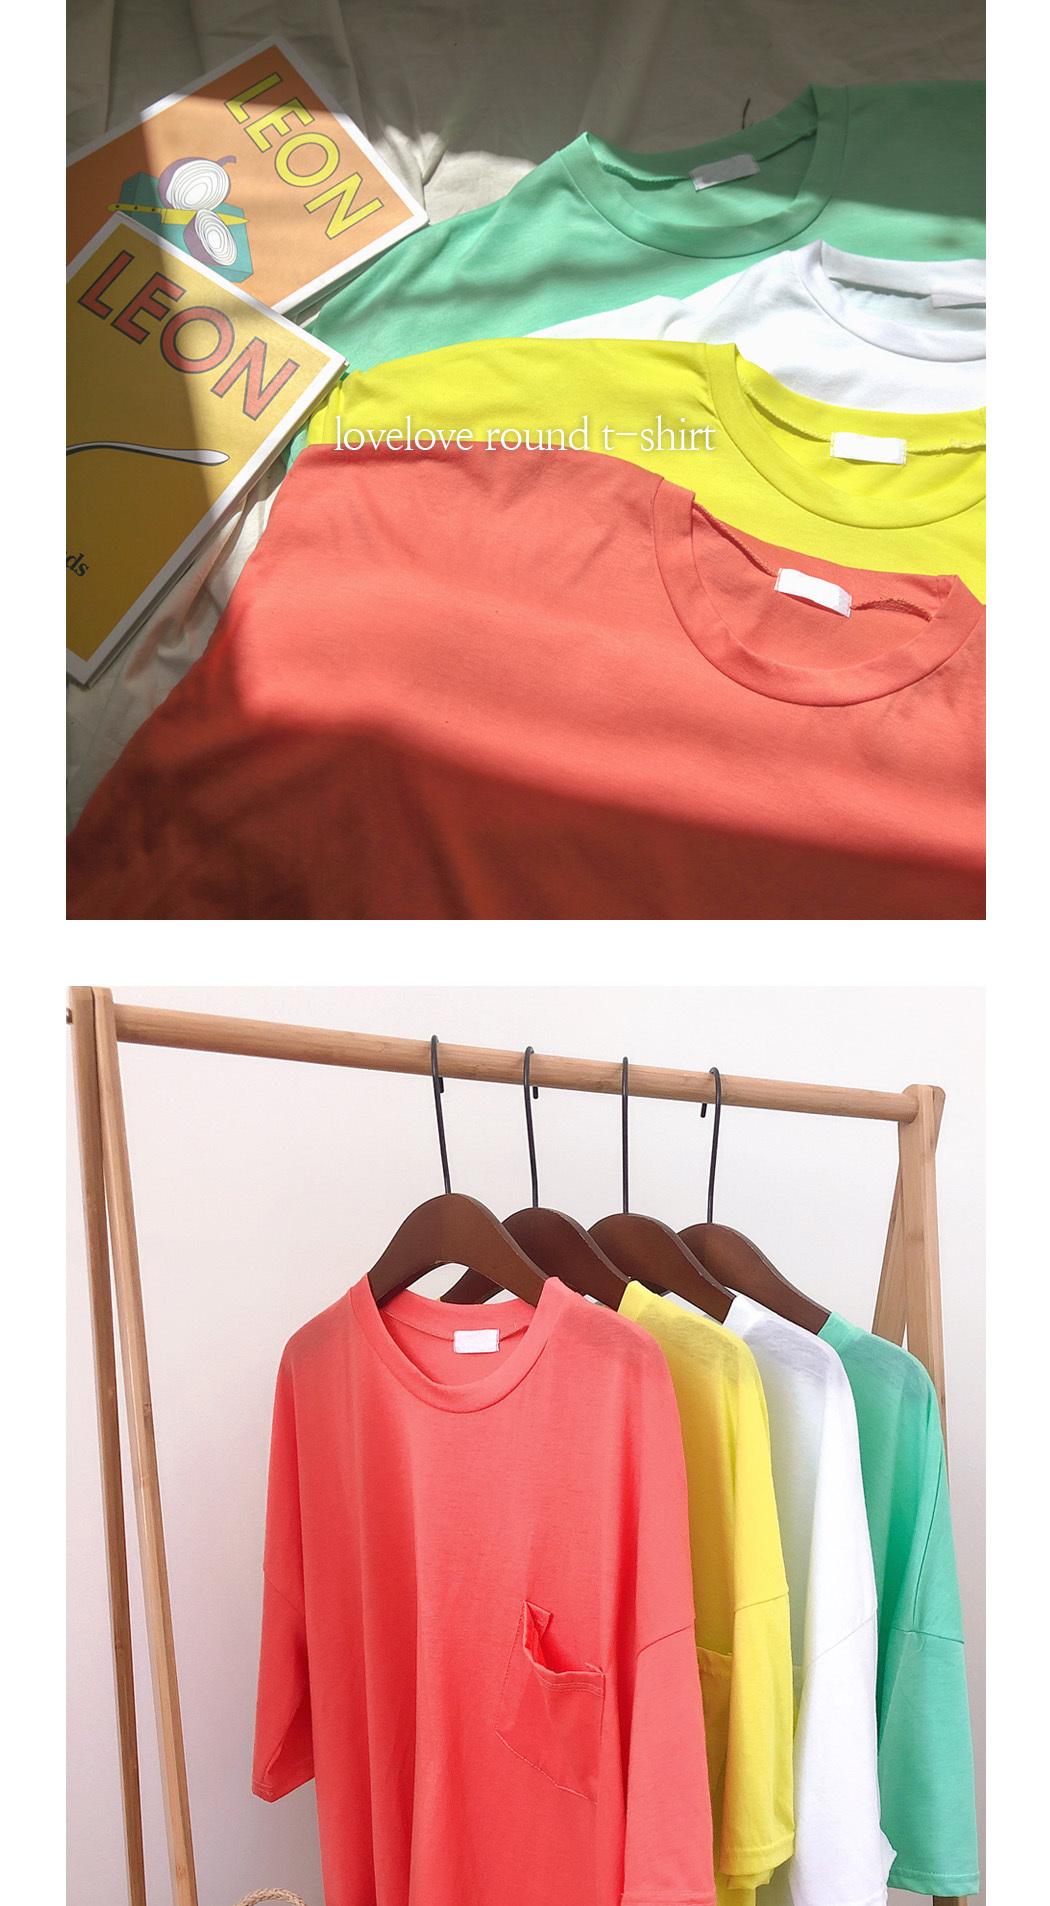 리리앤코 럽럽 라운드 티셔츠